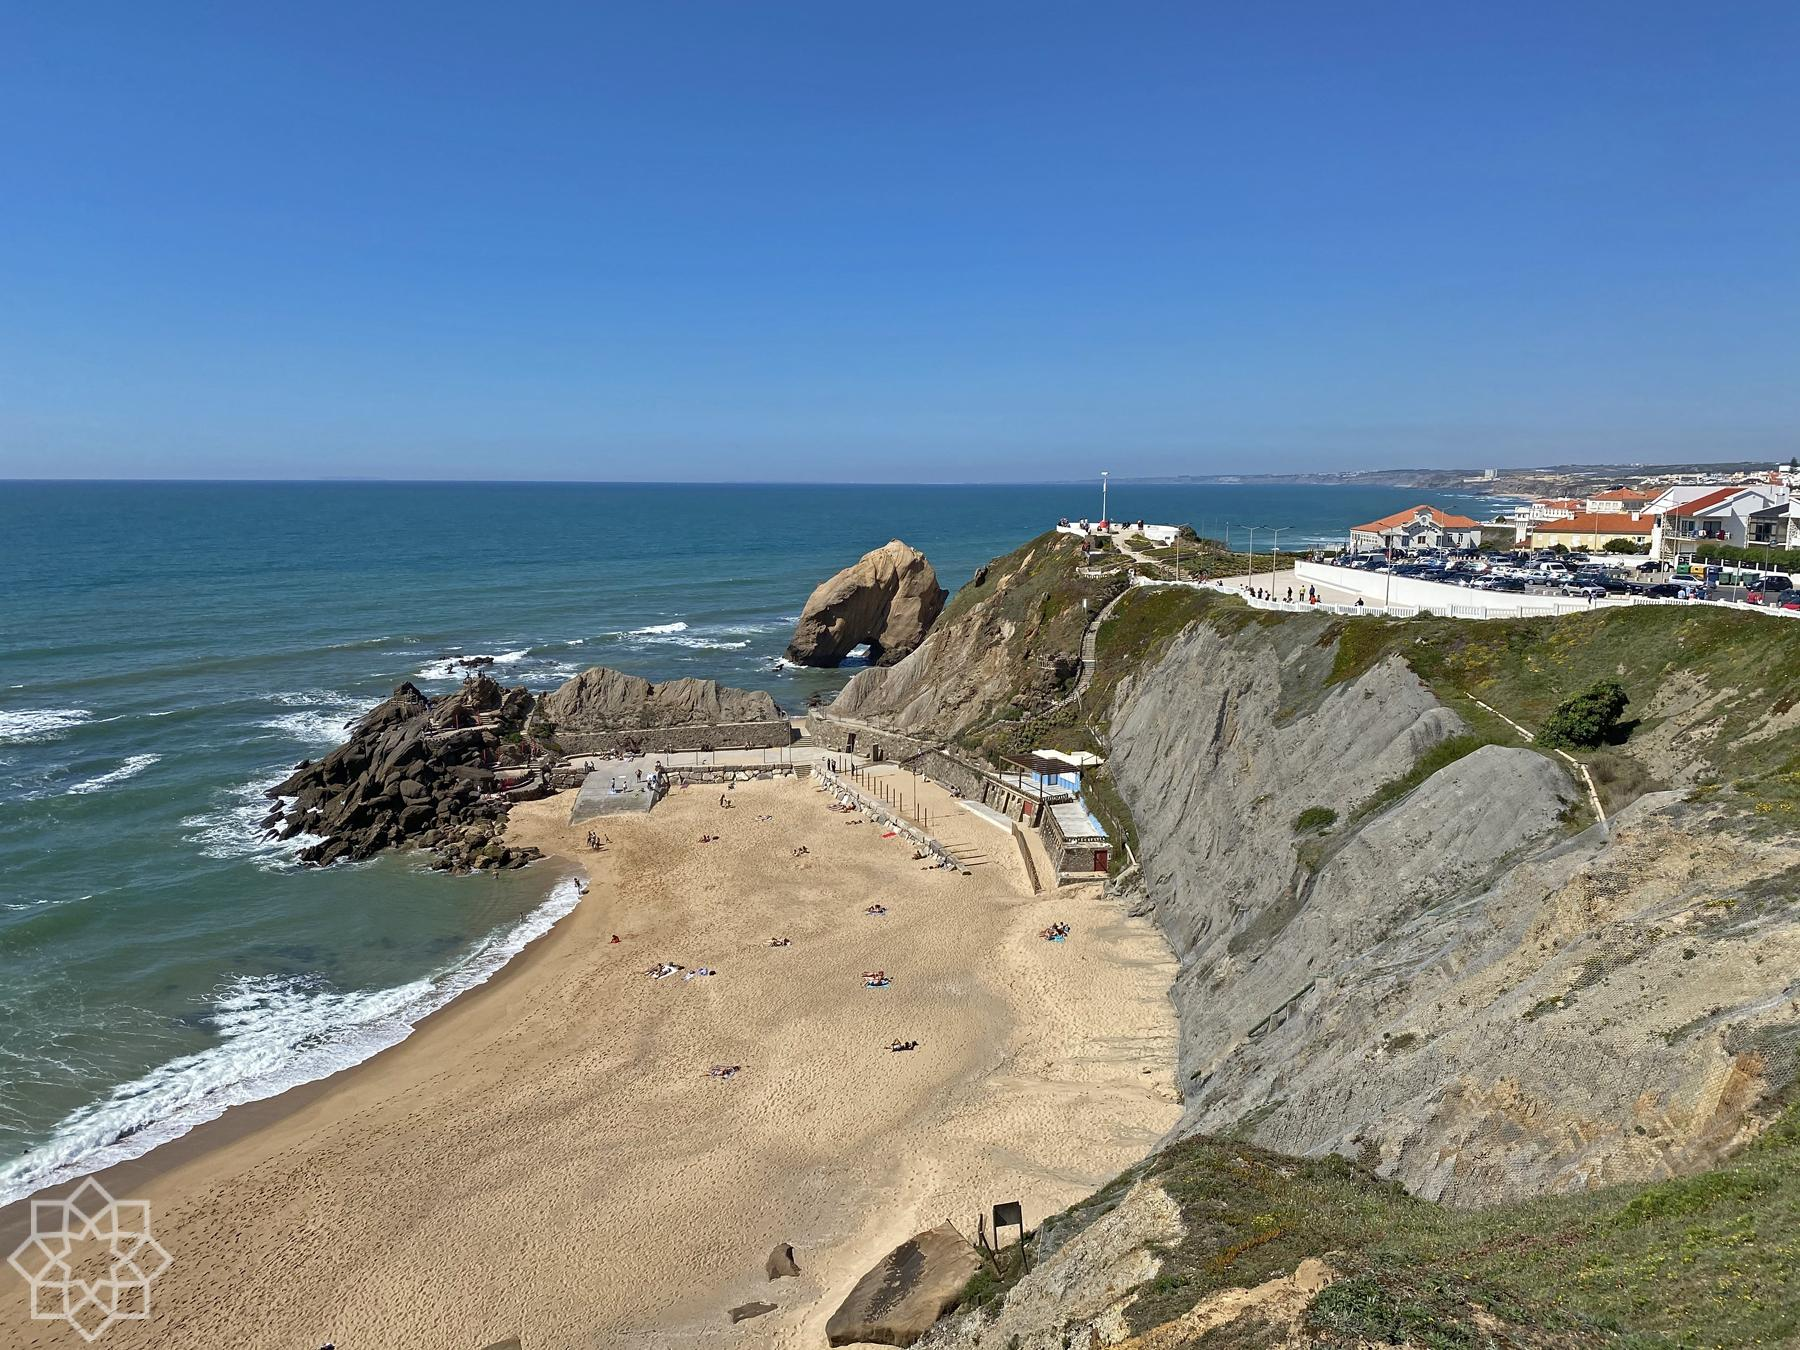 Praia Formosa Santa Cruz